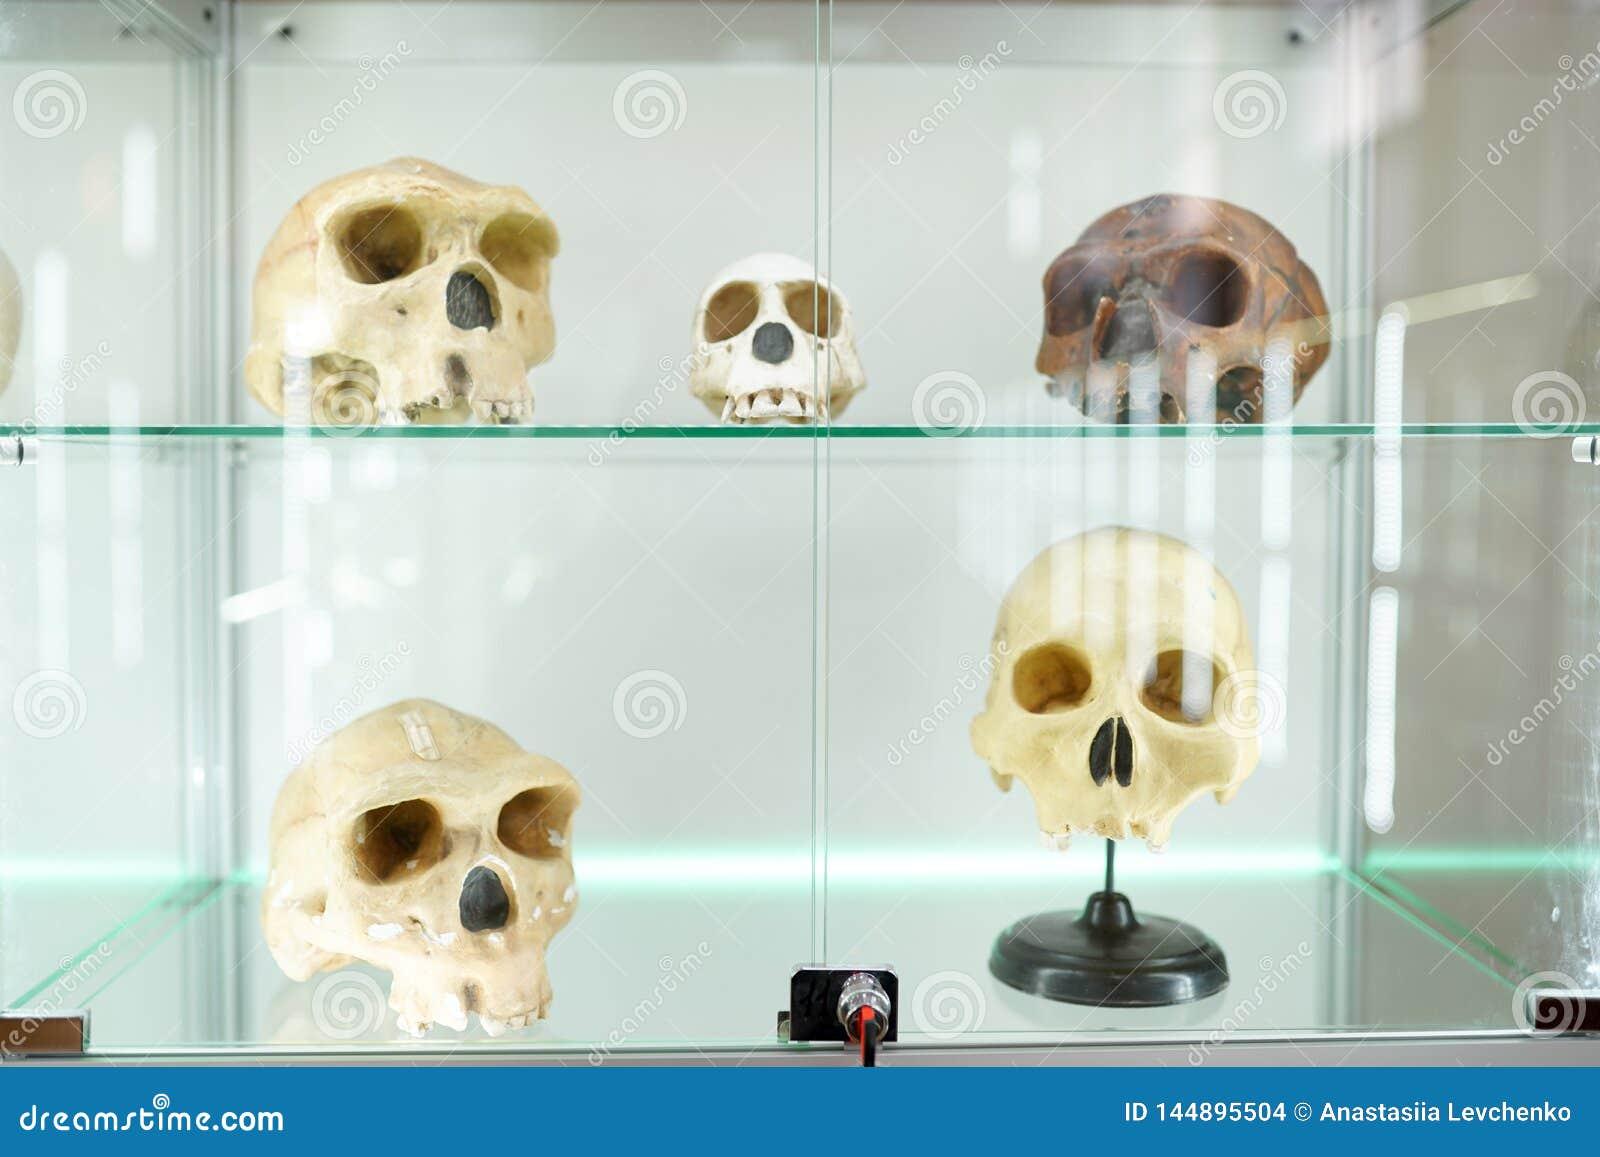 Anatomia umana dei crani parte del corpo umano su fondo leggero museo di scienza medica